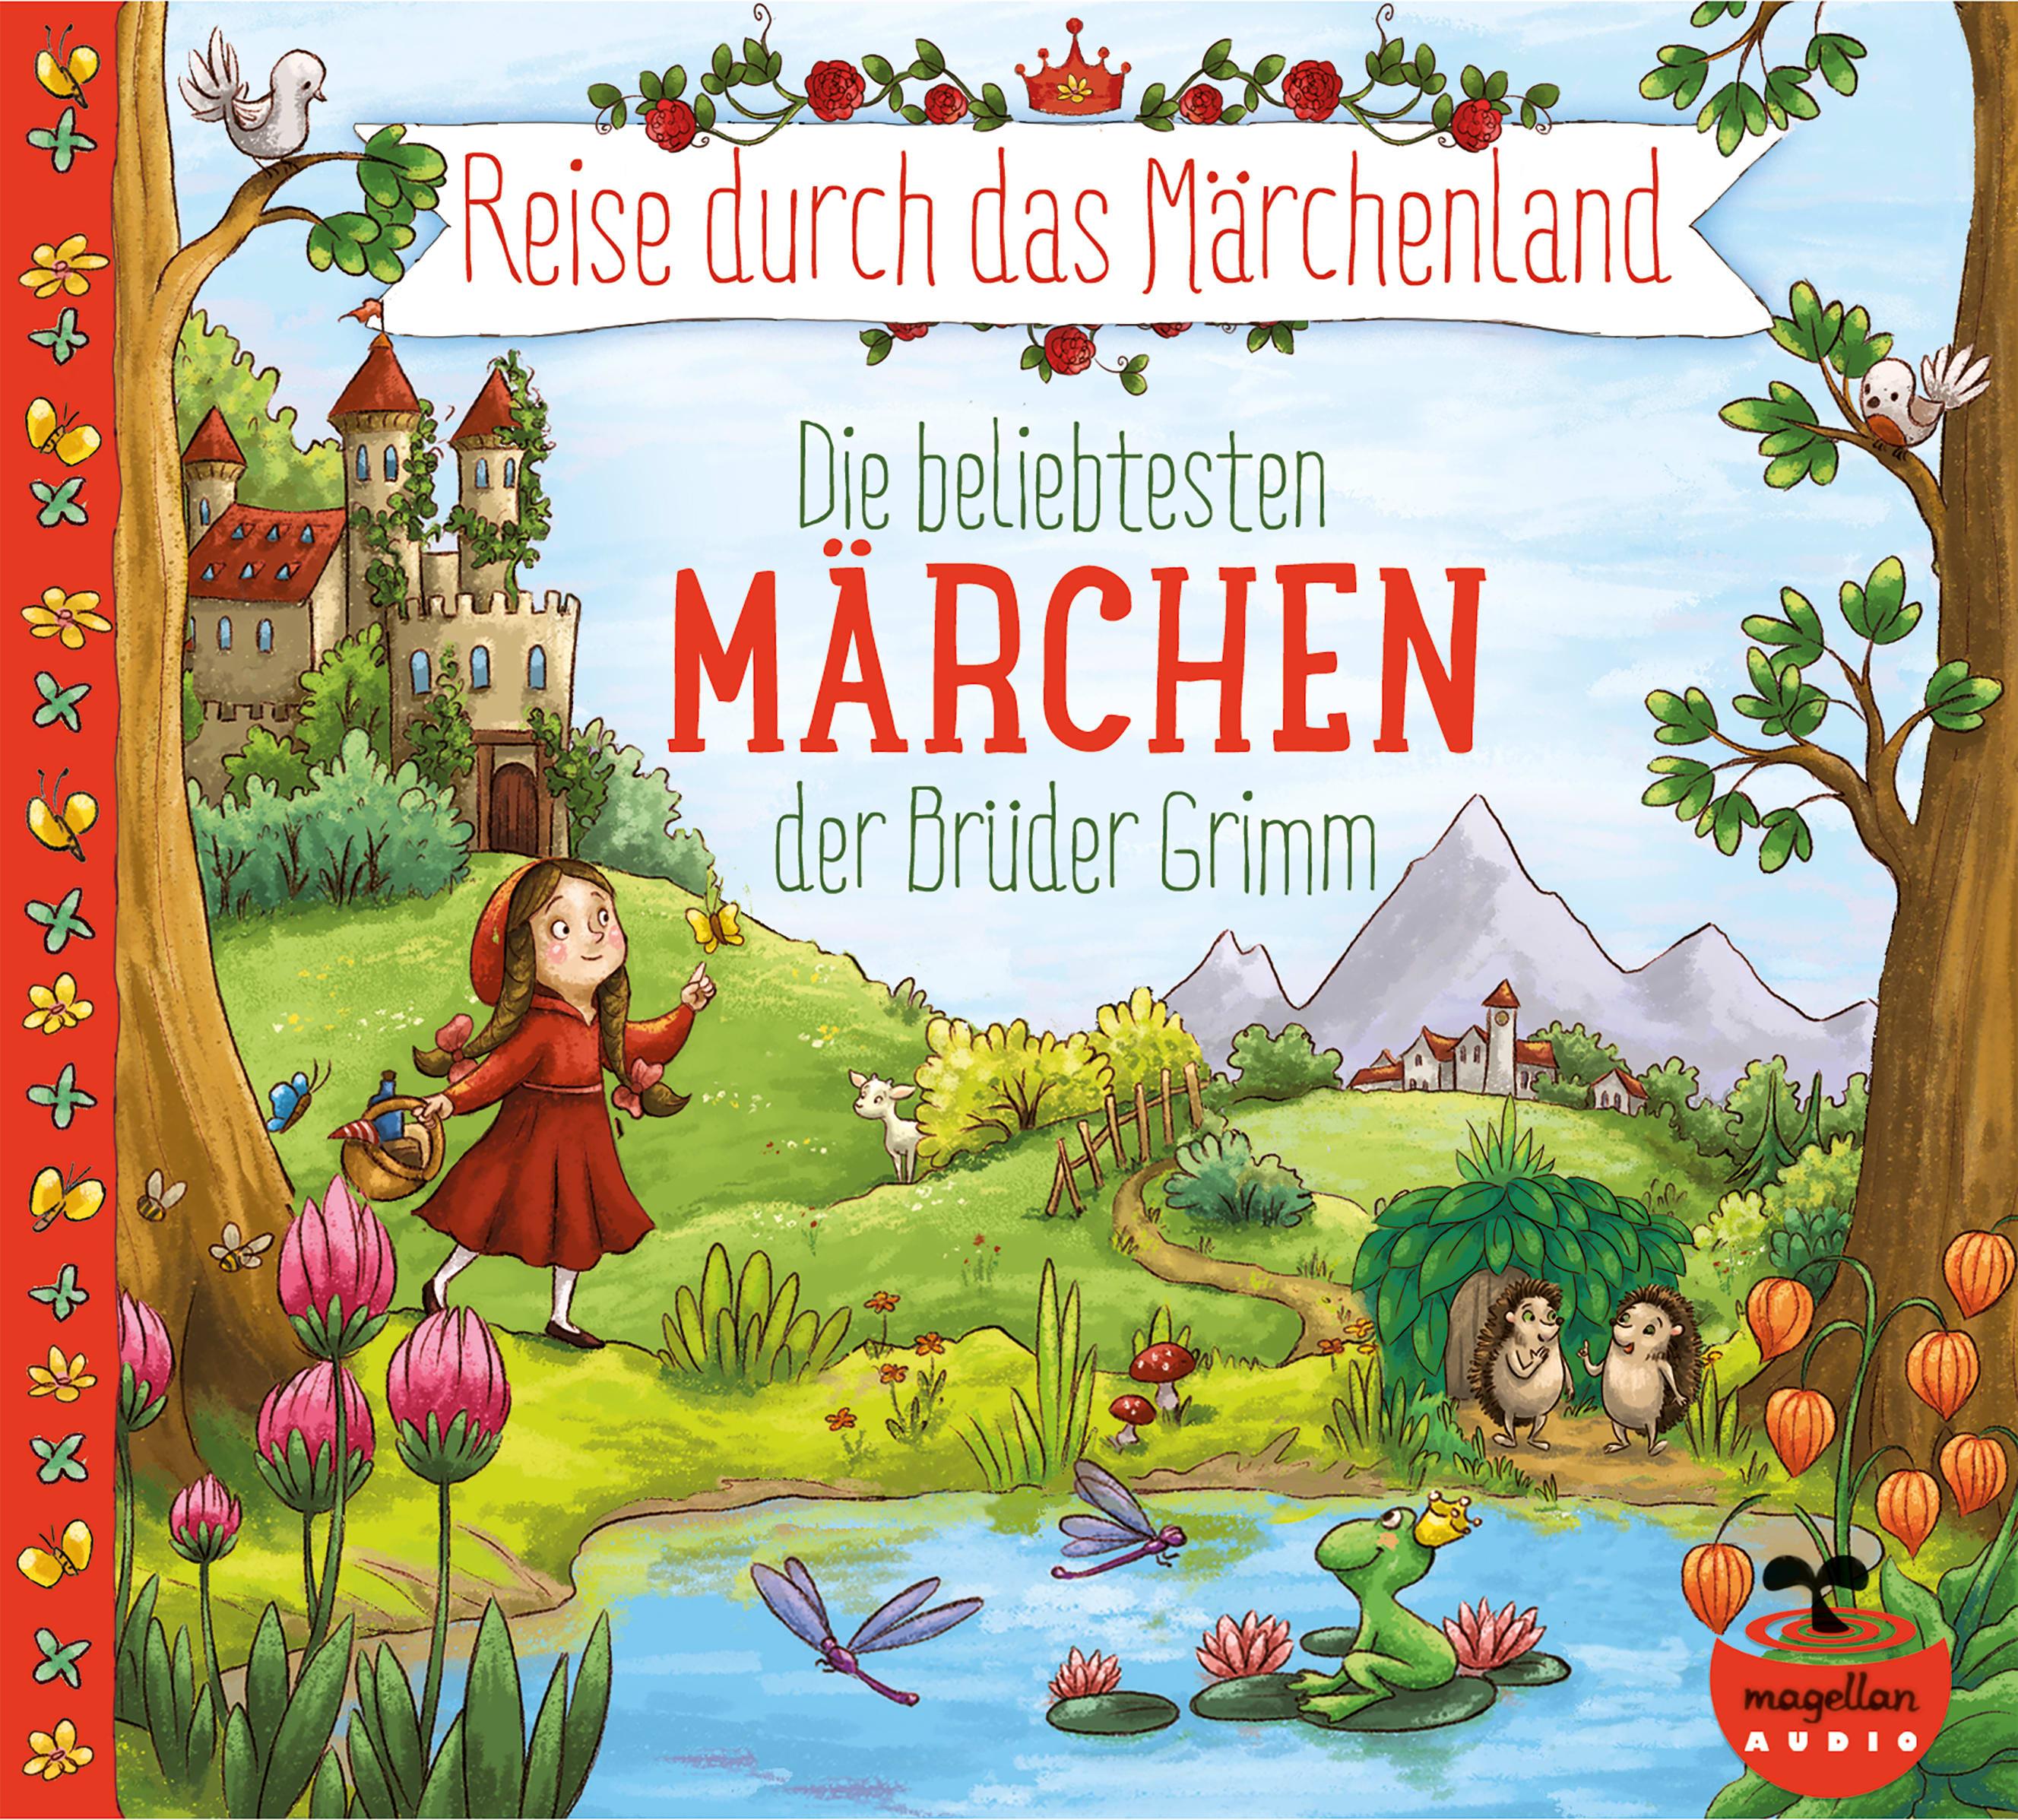 """3er-Paket """"Grimm, Reise durch das Märchenland"""" (Hörbuch)"""